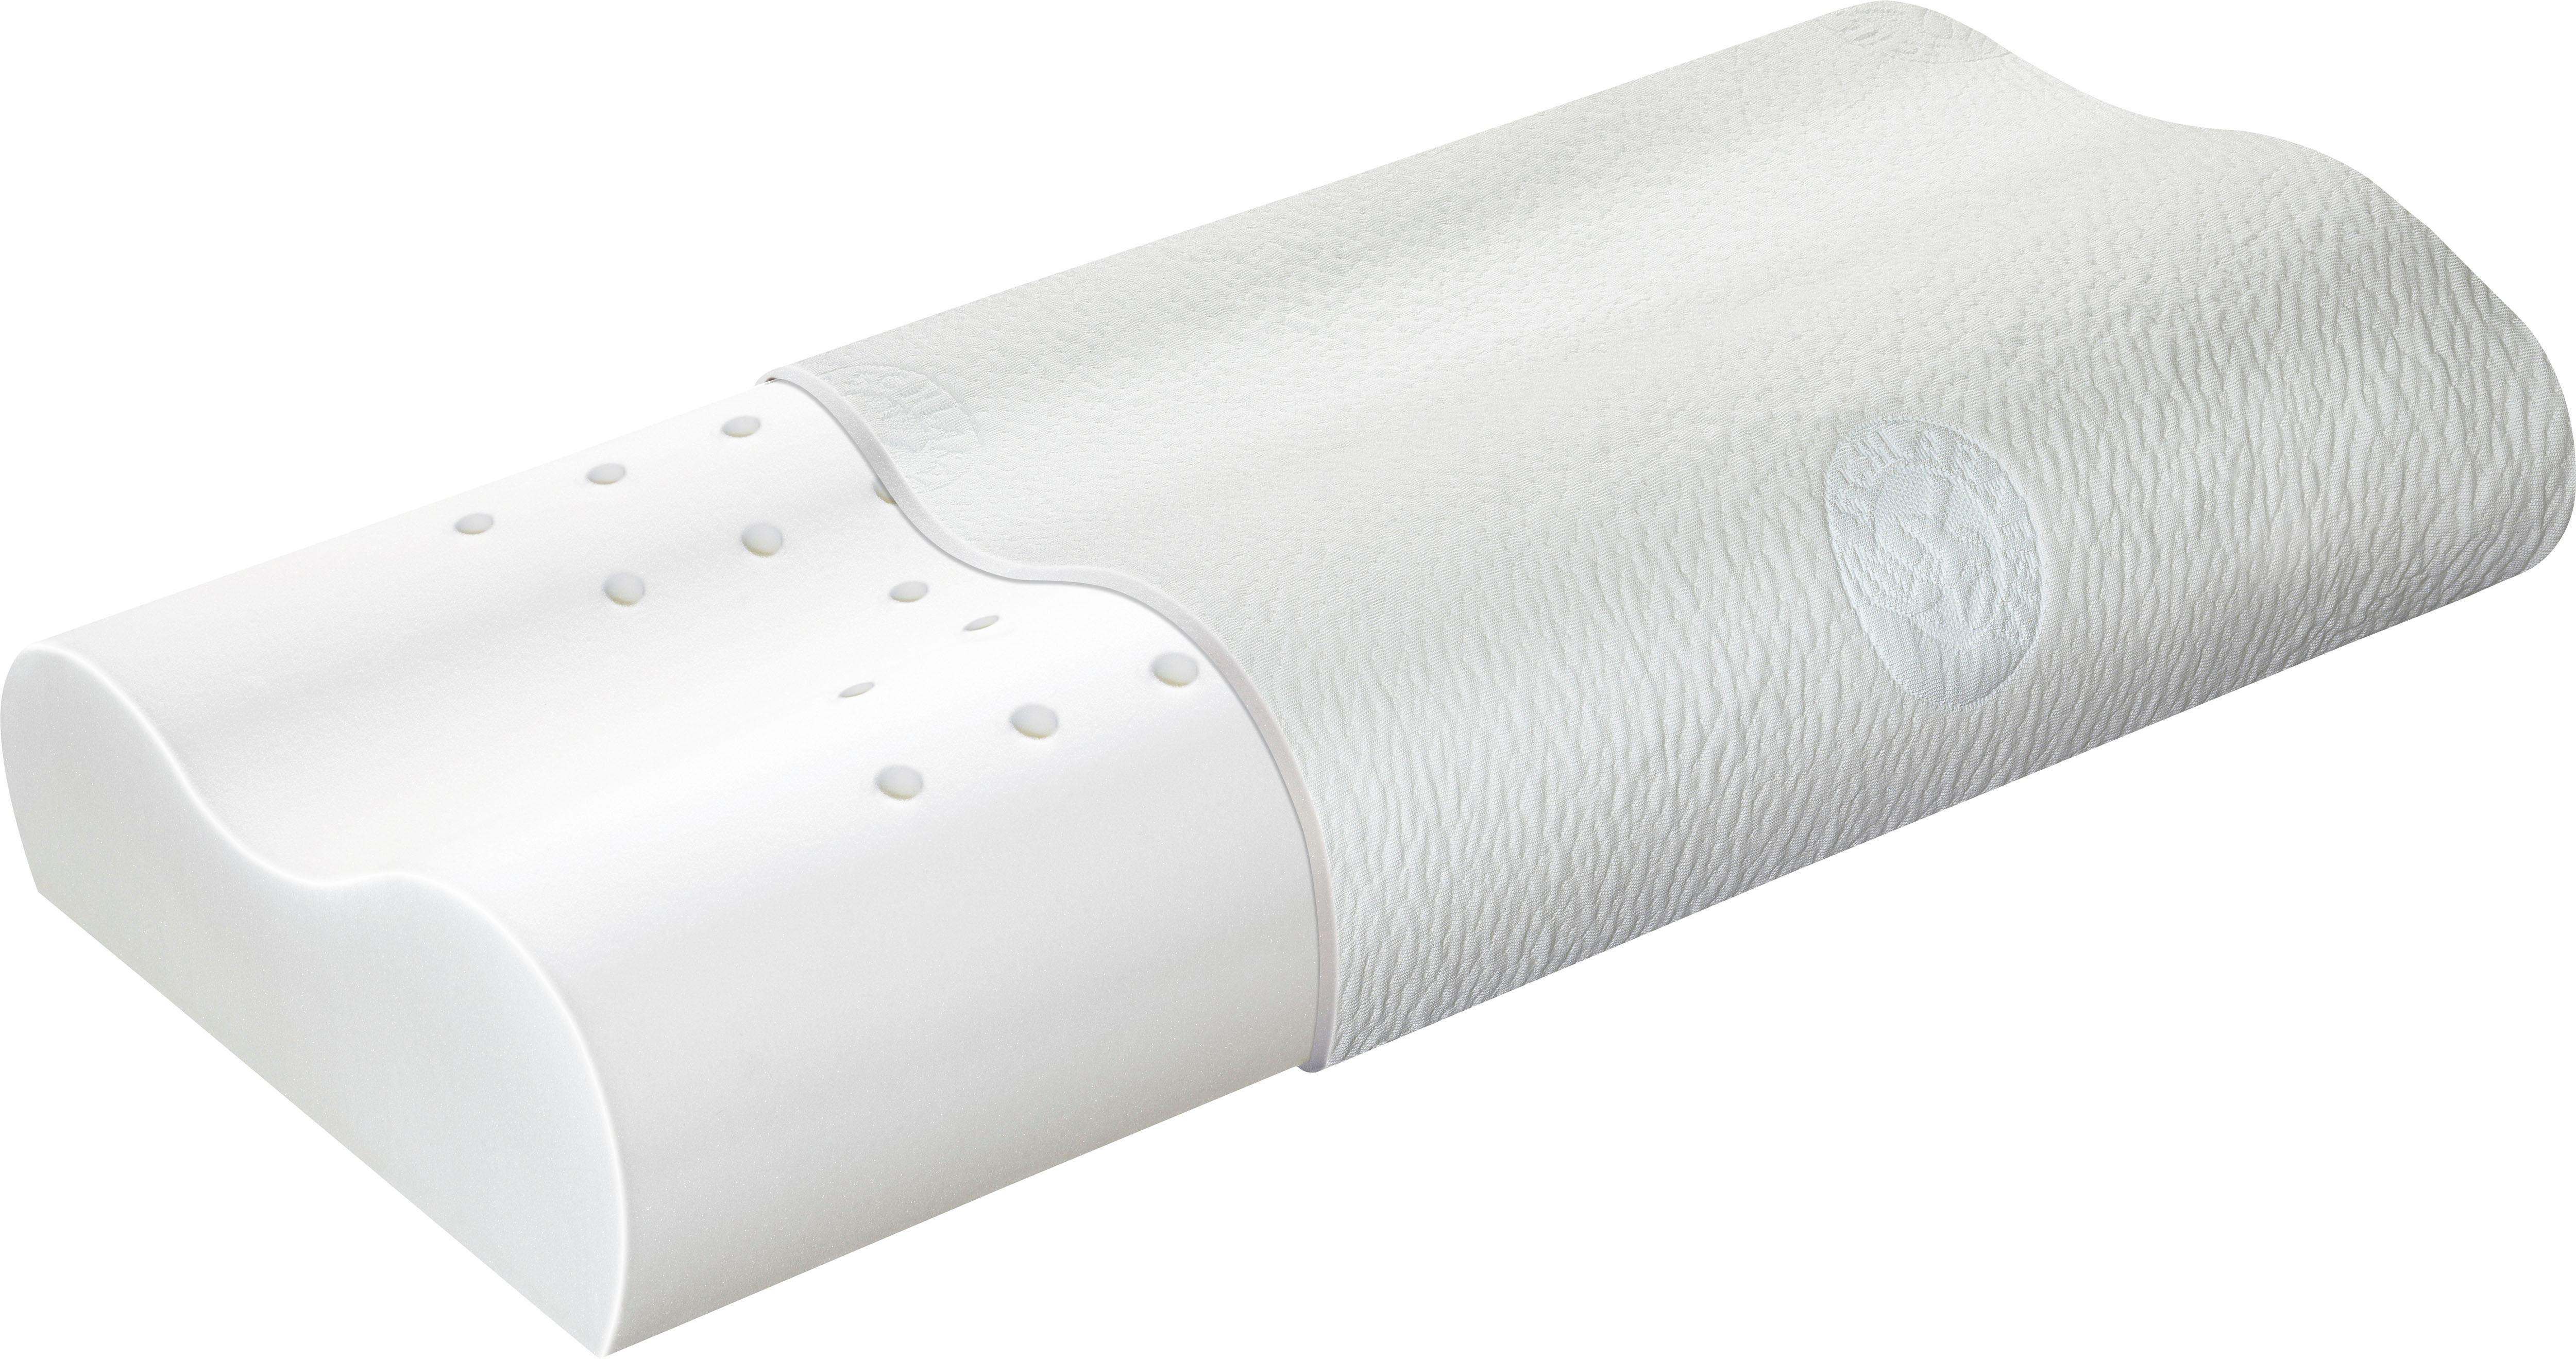 Nackenstützkissen, »BULTEX Komfort«, Schlaraffia, (1-tlg)